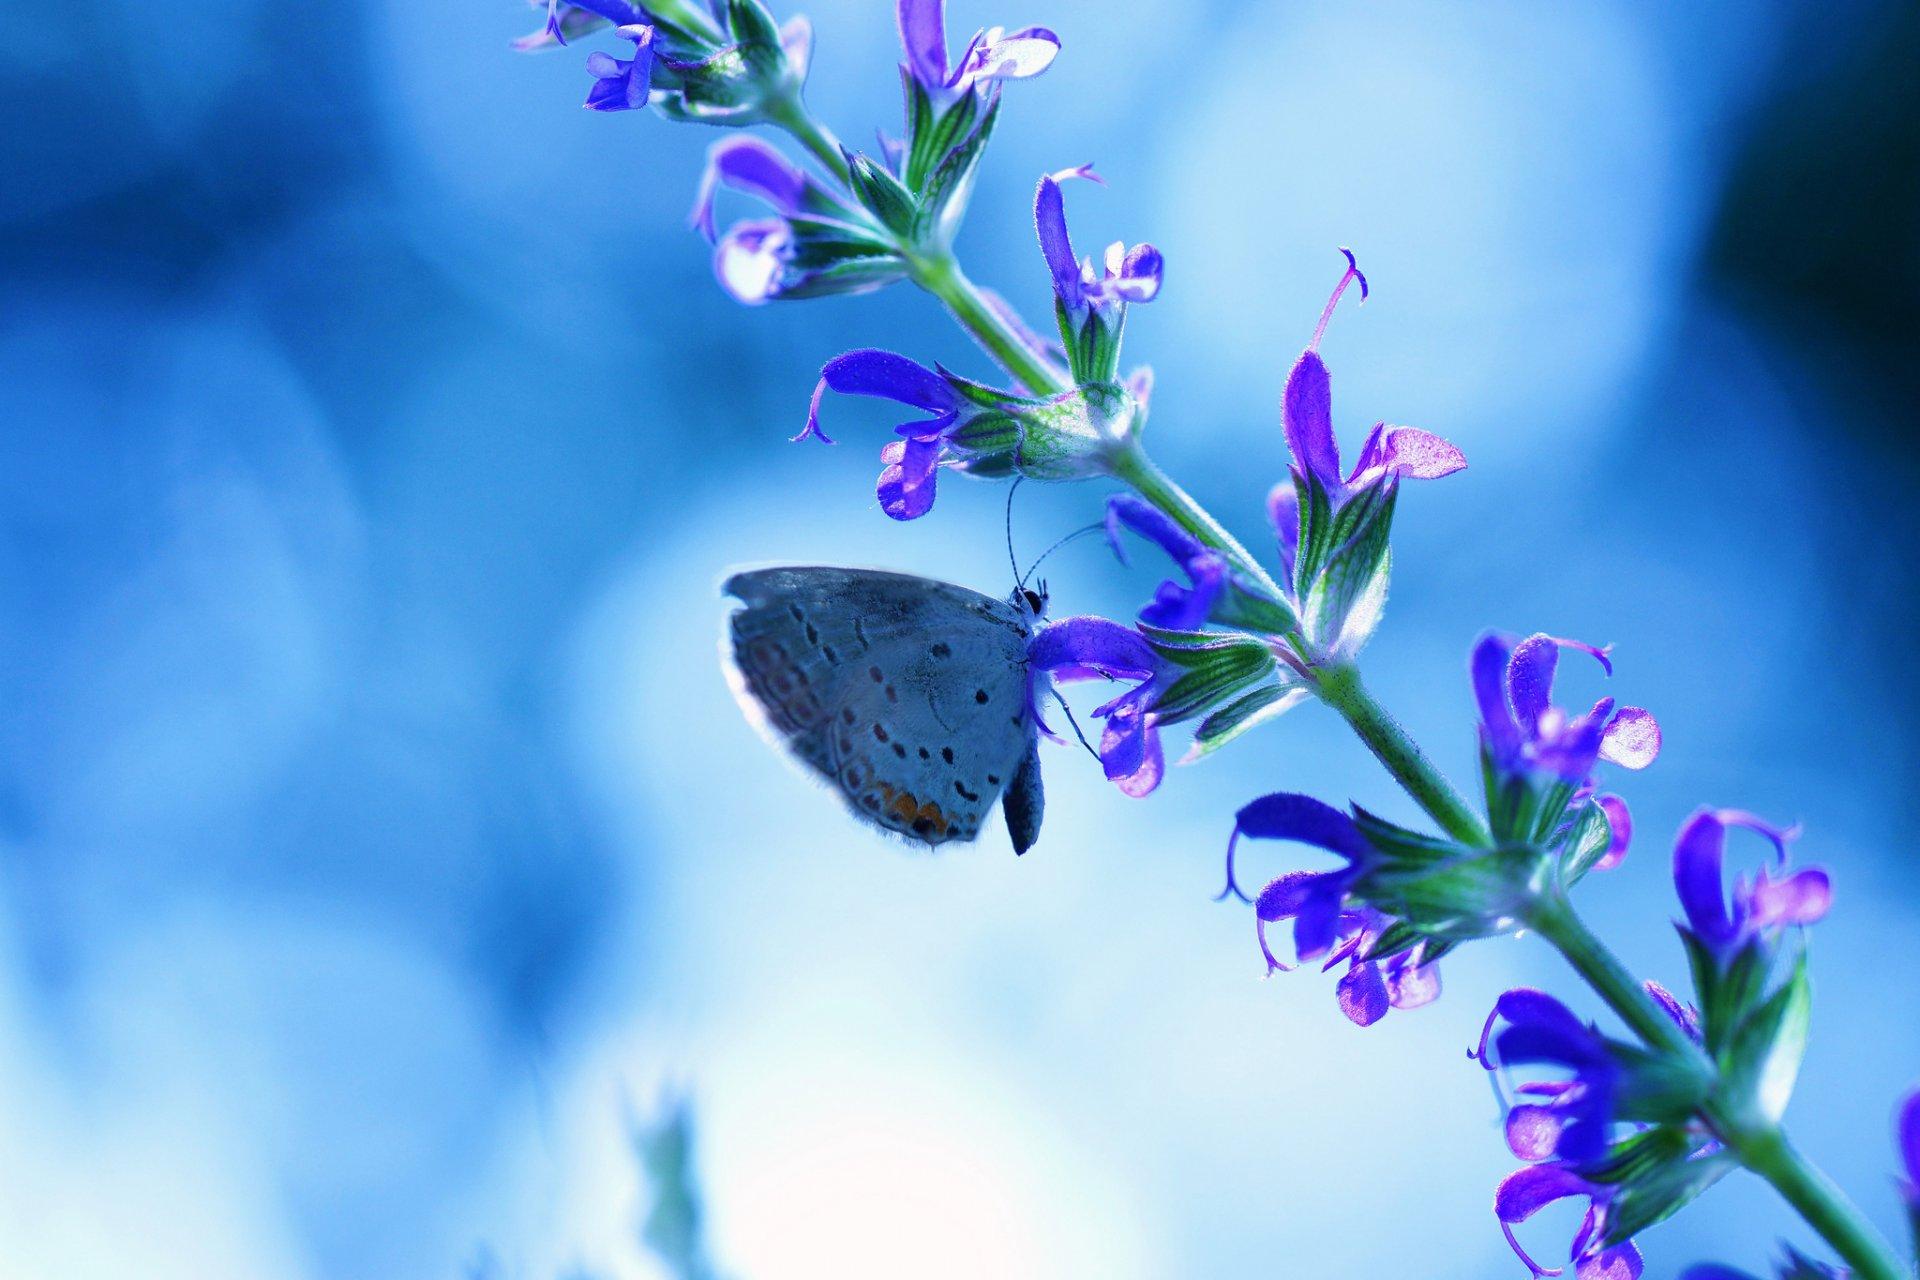 Картинки с синими цветами и бабочками, выздоровлением открытках